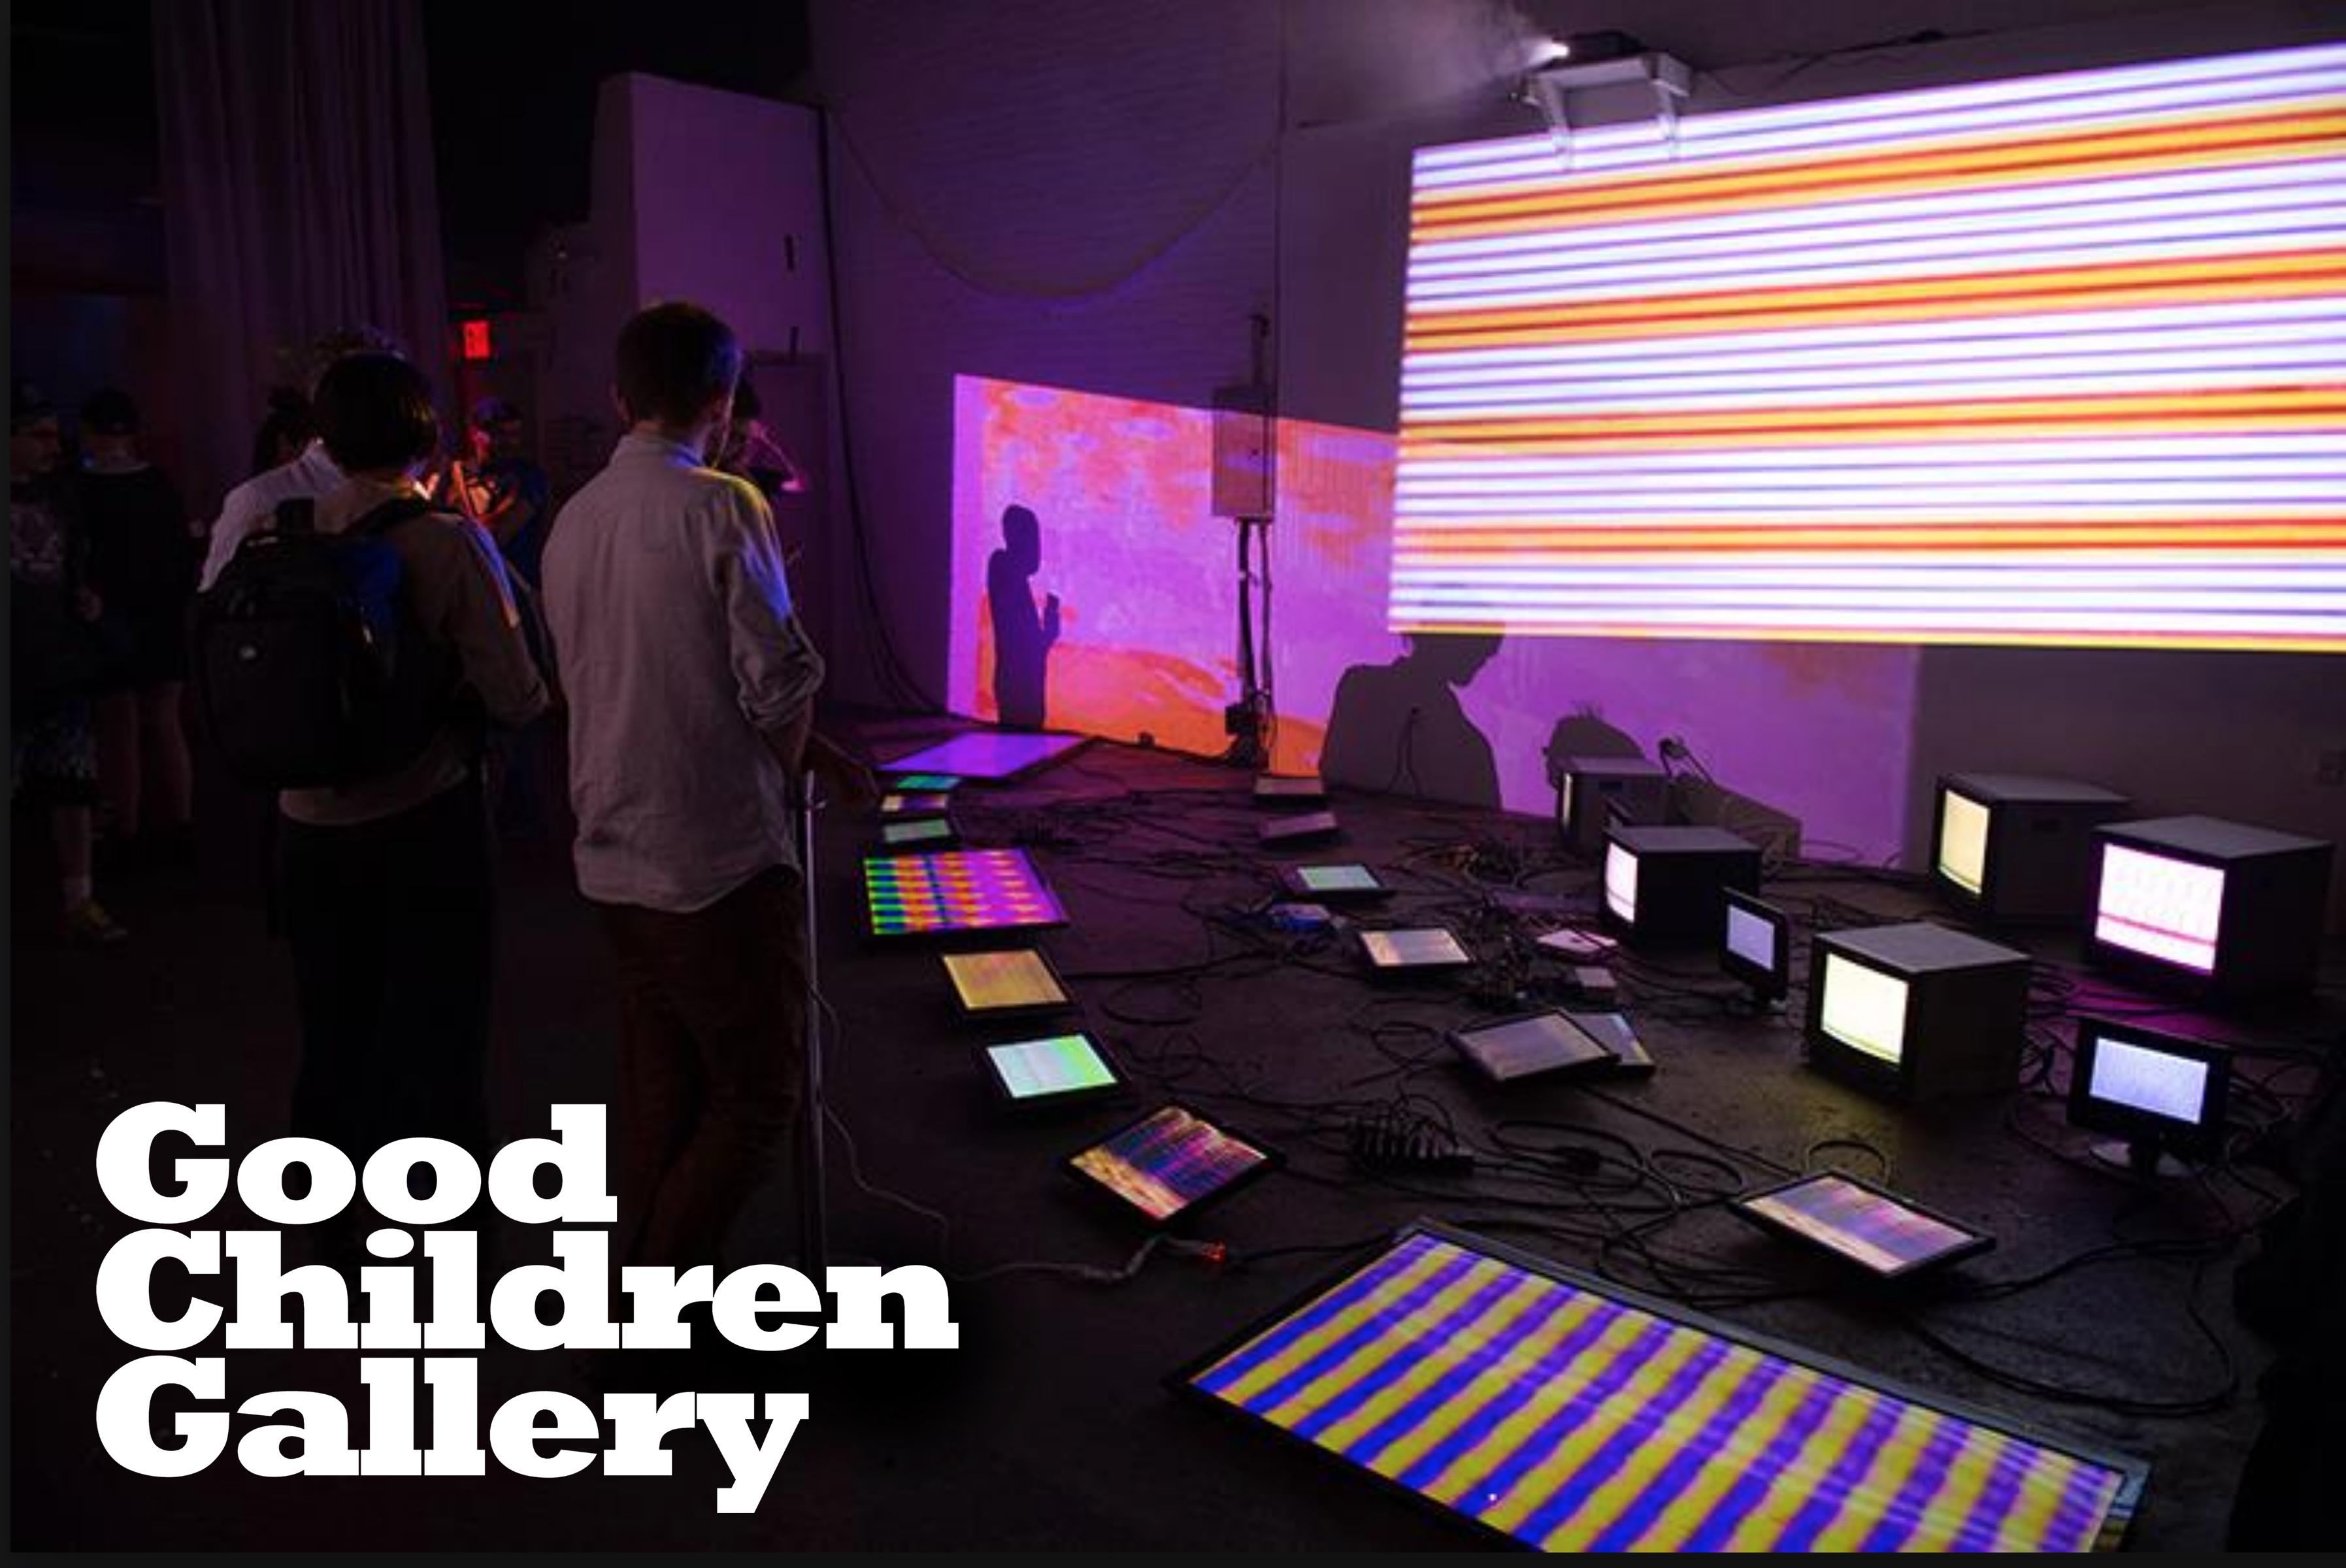 Good Children Gallery